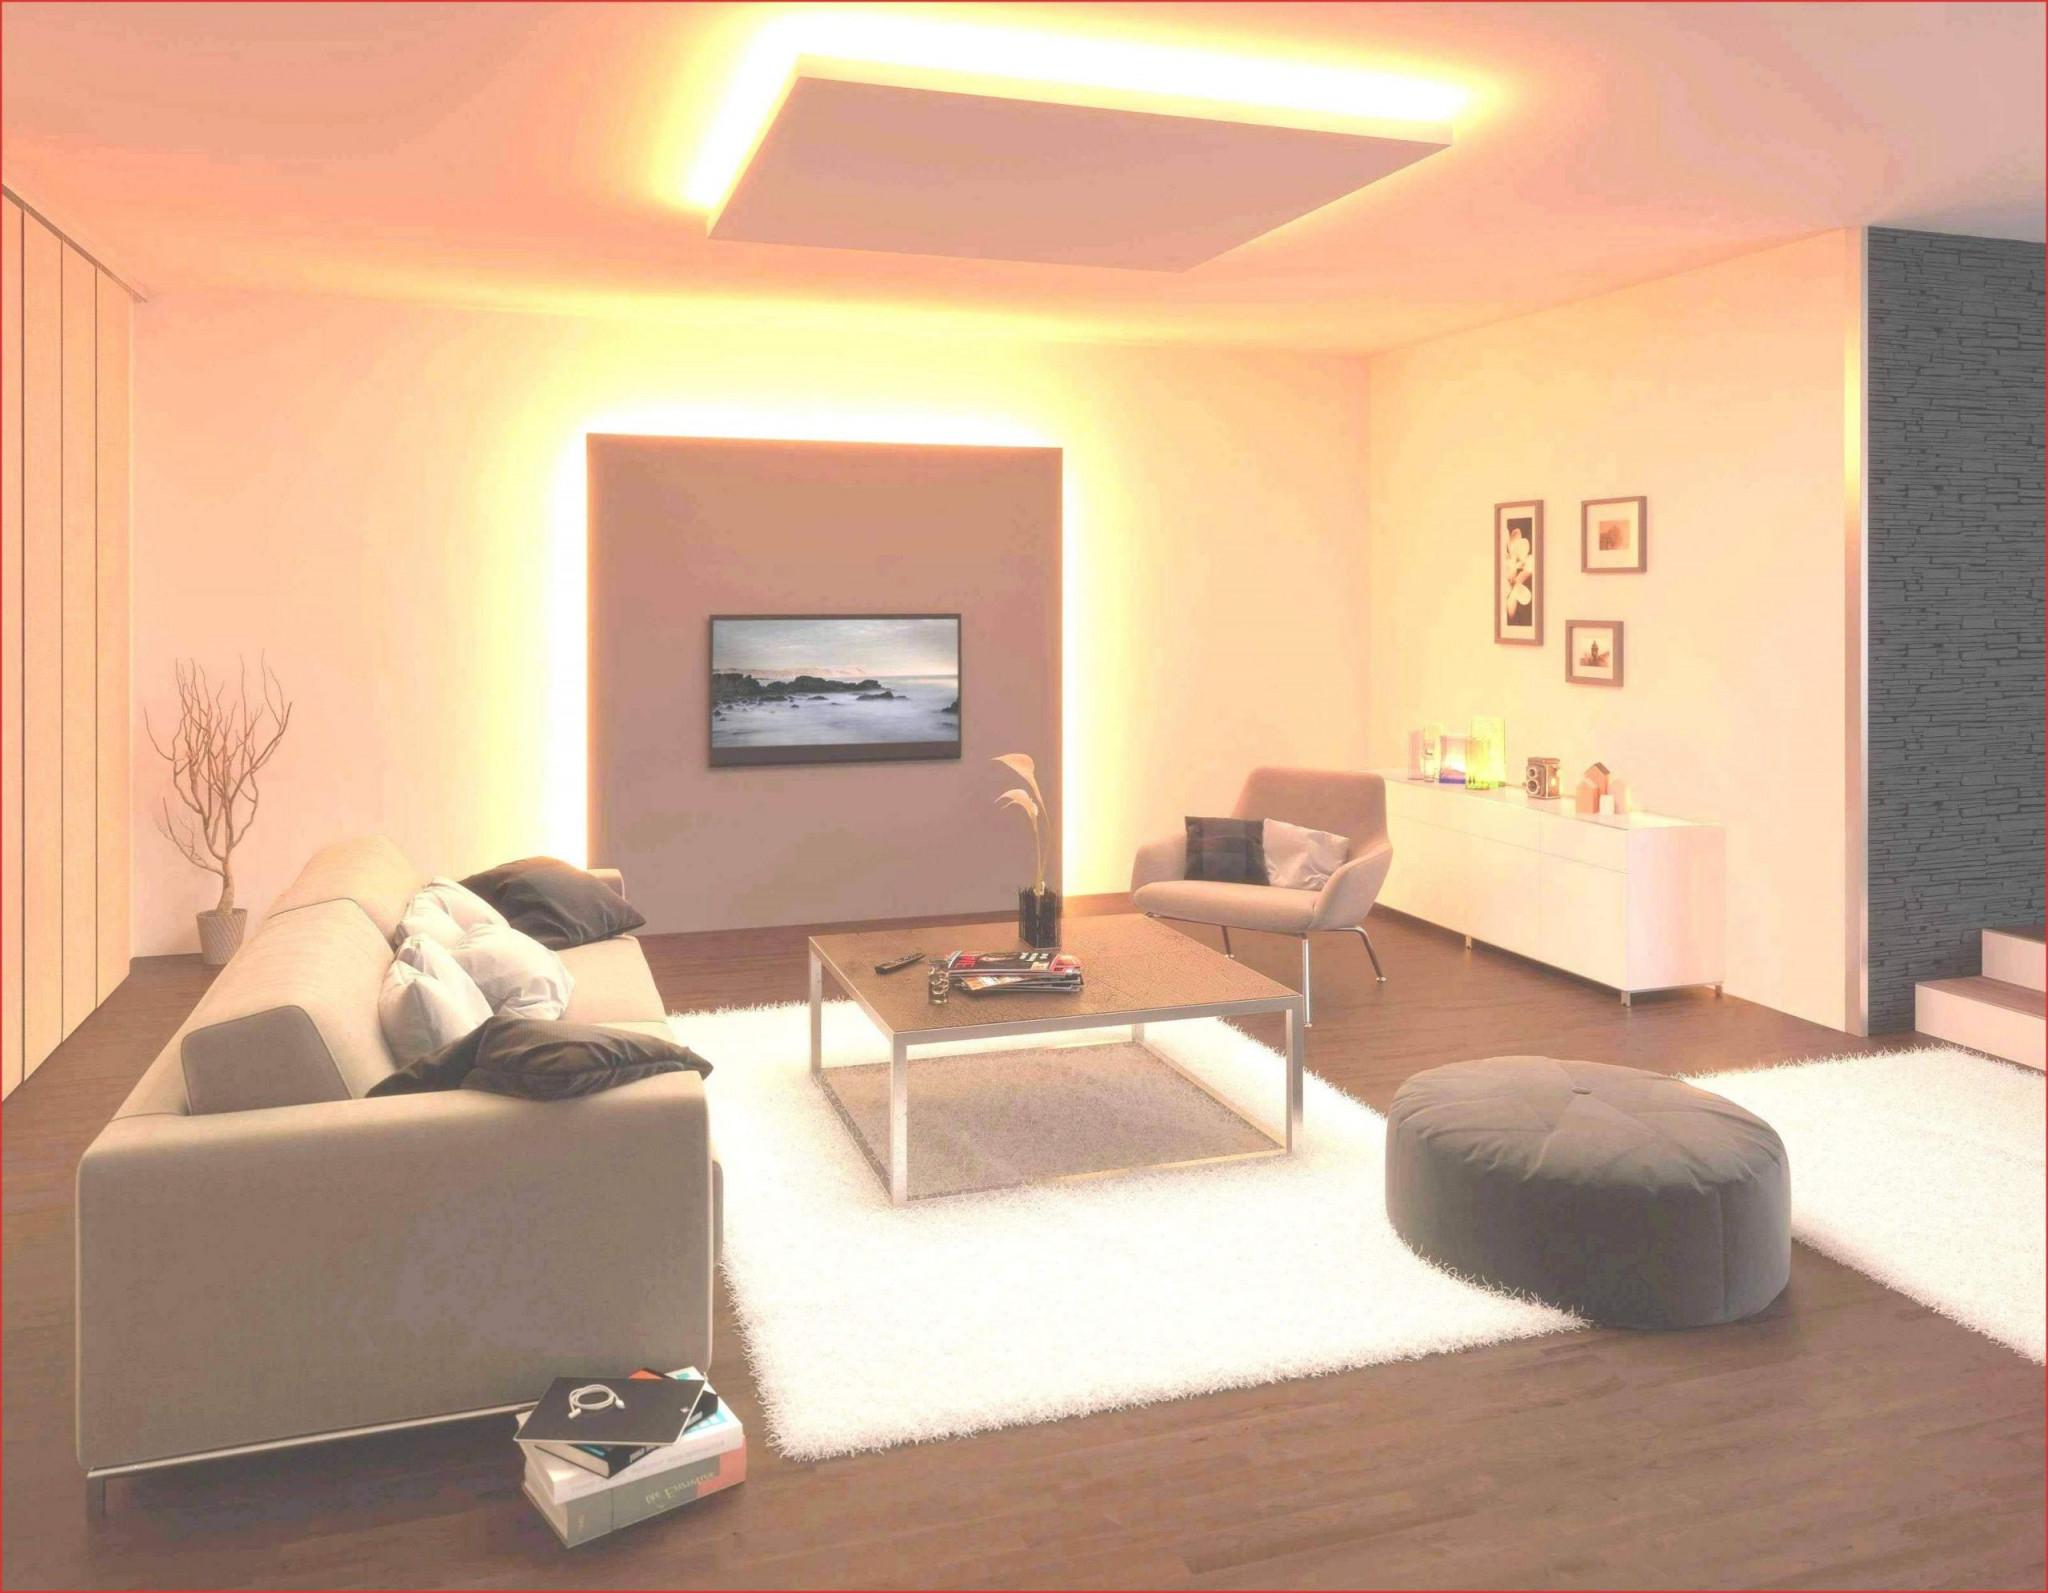 Led Wohnzimmer Deckenleuchte Neu 40 Frisch Wohnzimmer Led von Led Wohnzimmer Deckenlampe Photo